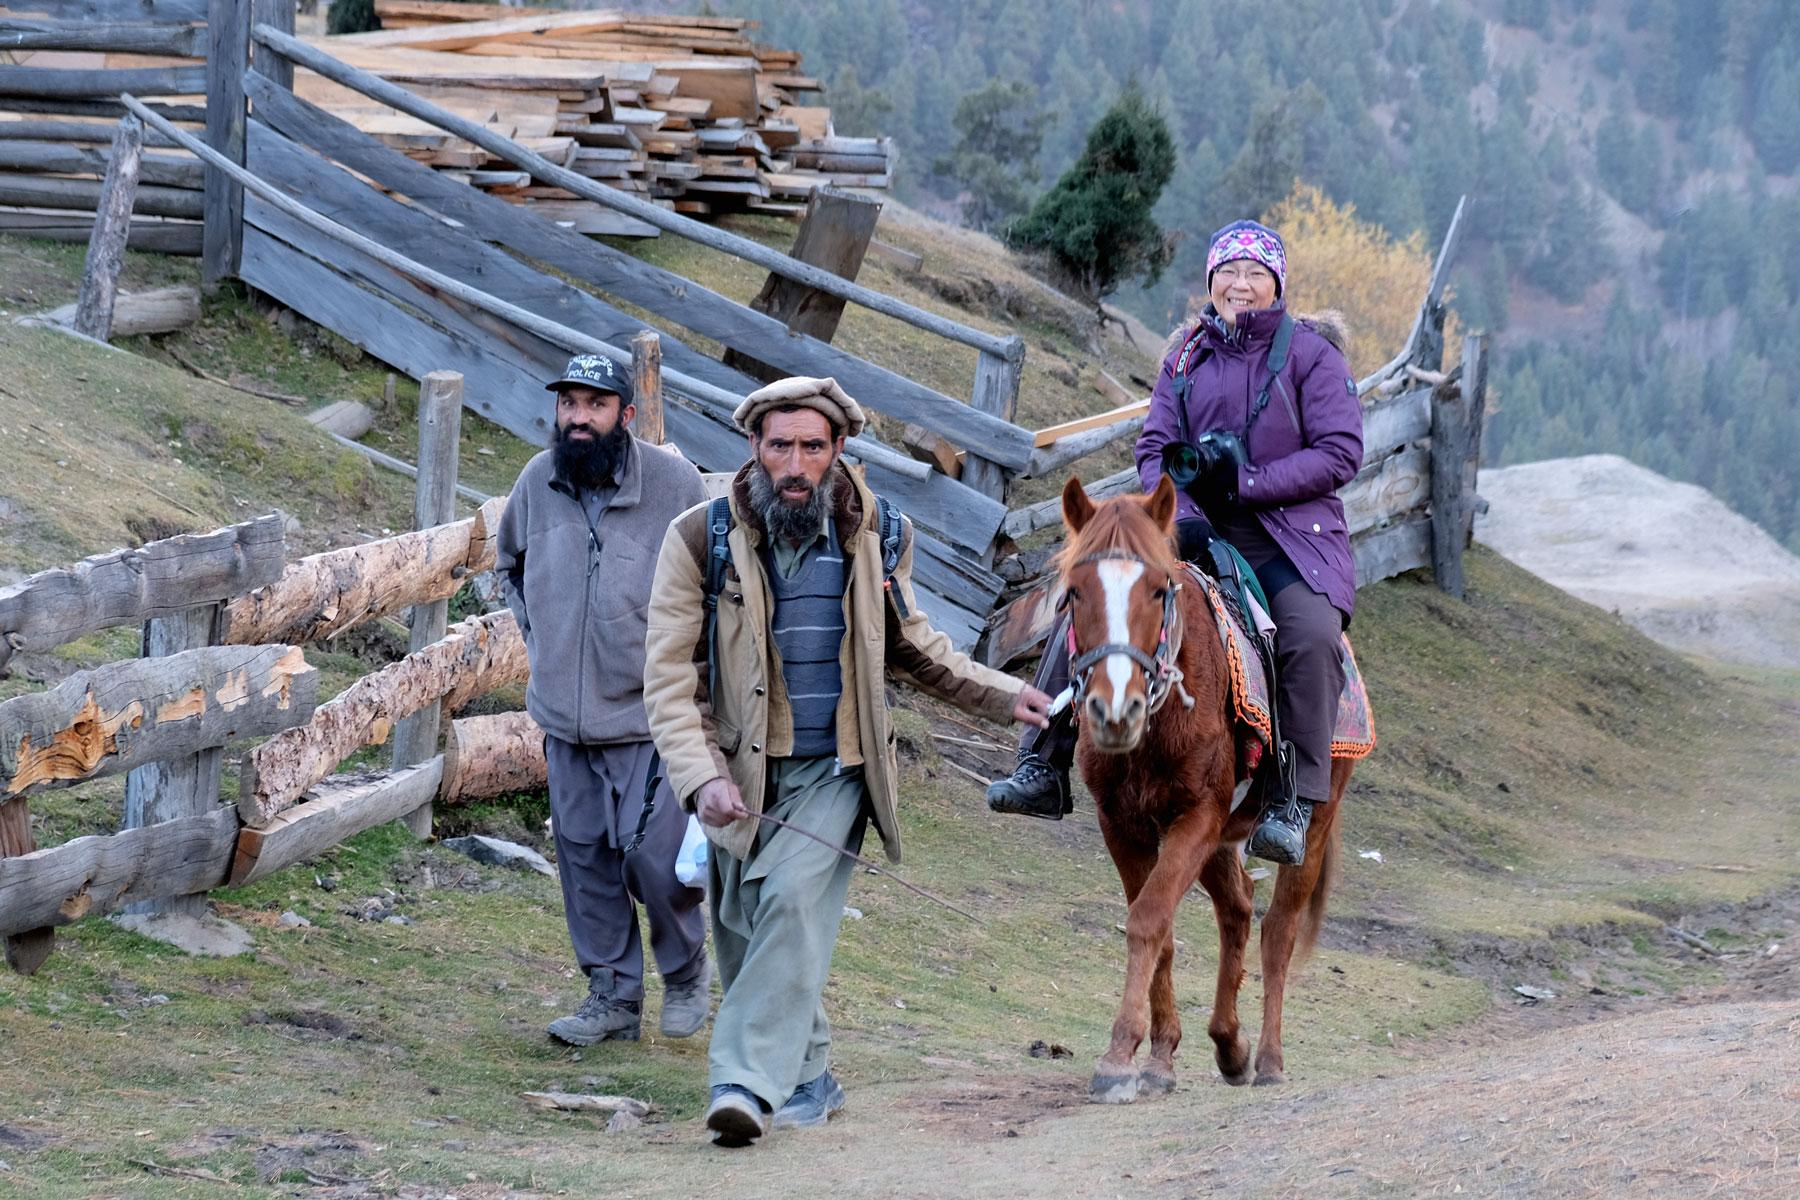 Zwei Männer führen eine Frau, die auf einem Pferd sitzt, nach Fairy Meadows.